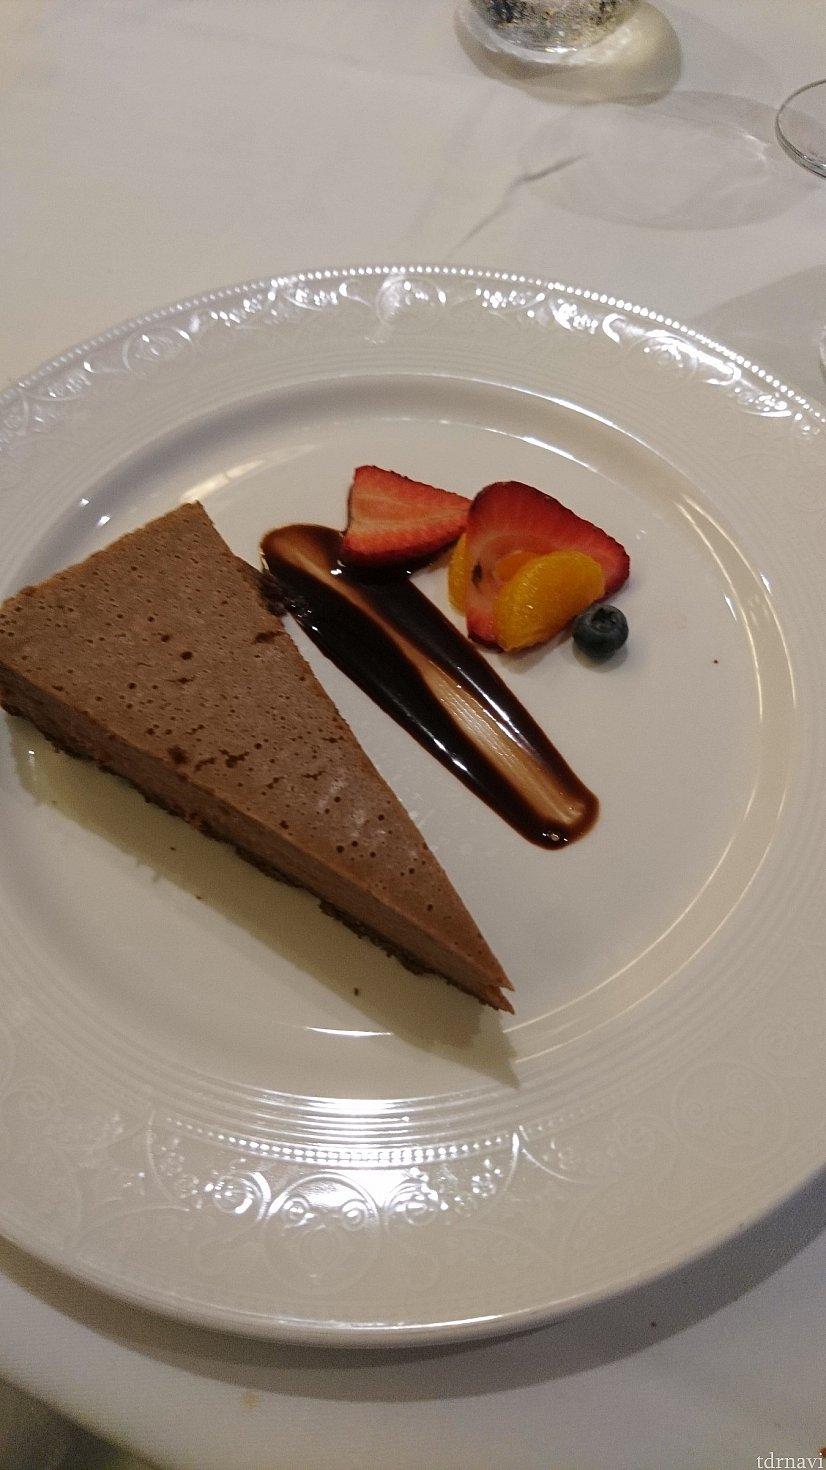 こちらもNo Sugar Added Dessertsです。 チョコレートムース?でした。残念ながらこちらはいまいちでした………。